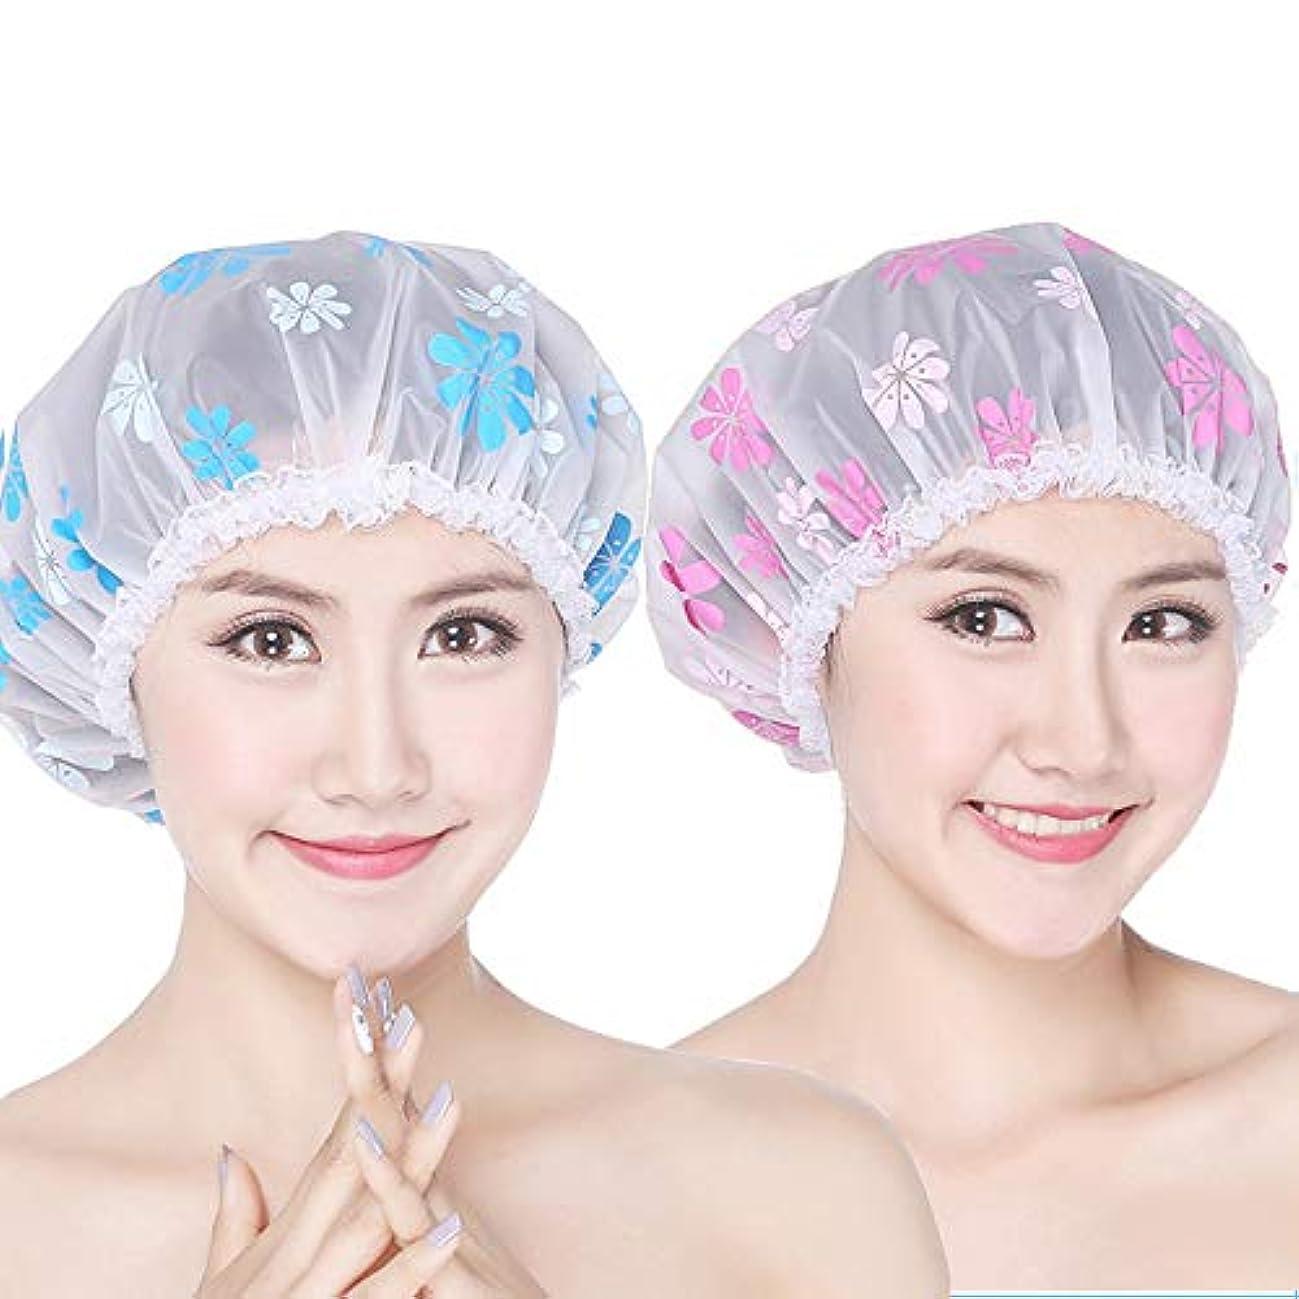 確かに比べる医師Tyou 高品質シャワーキャップ バス用品 かわいい シャワーキャップ ヘアキャップ ヘアーキャップ ヘアーターバン 入浴キャップ 帽子 お風呂 シャワー用に 2枚セット